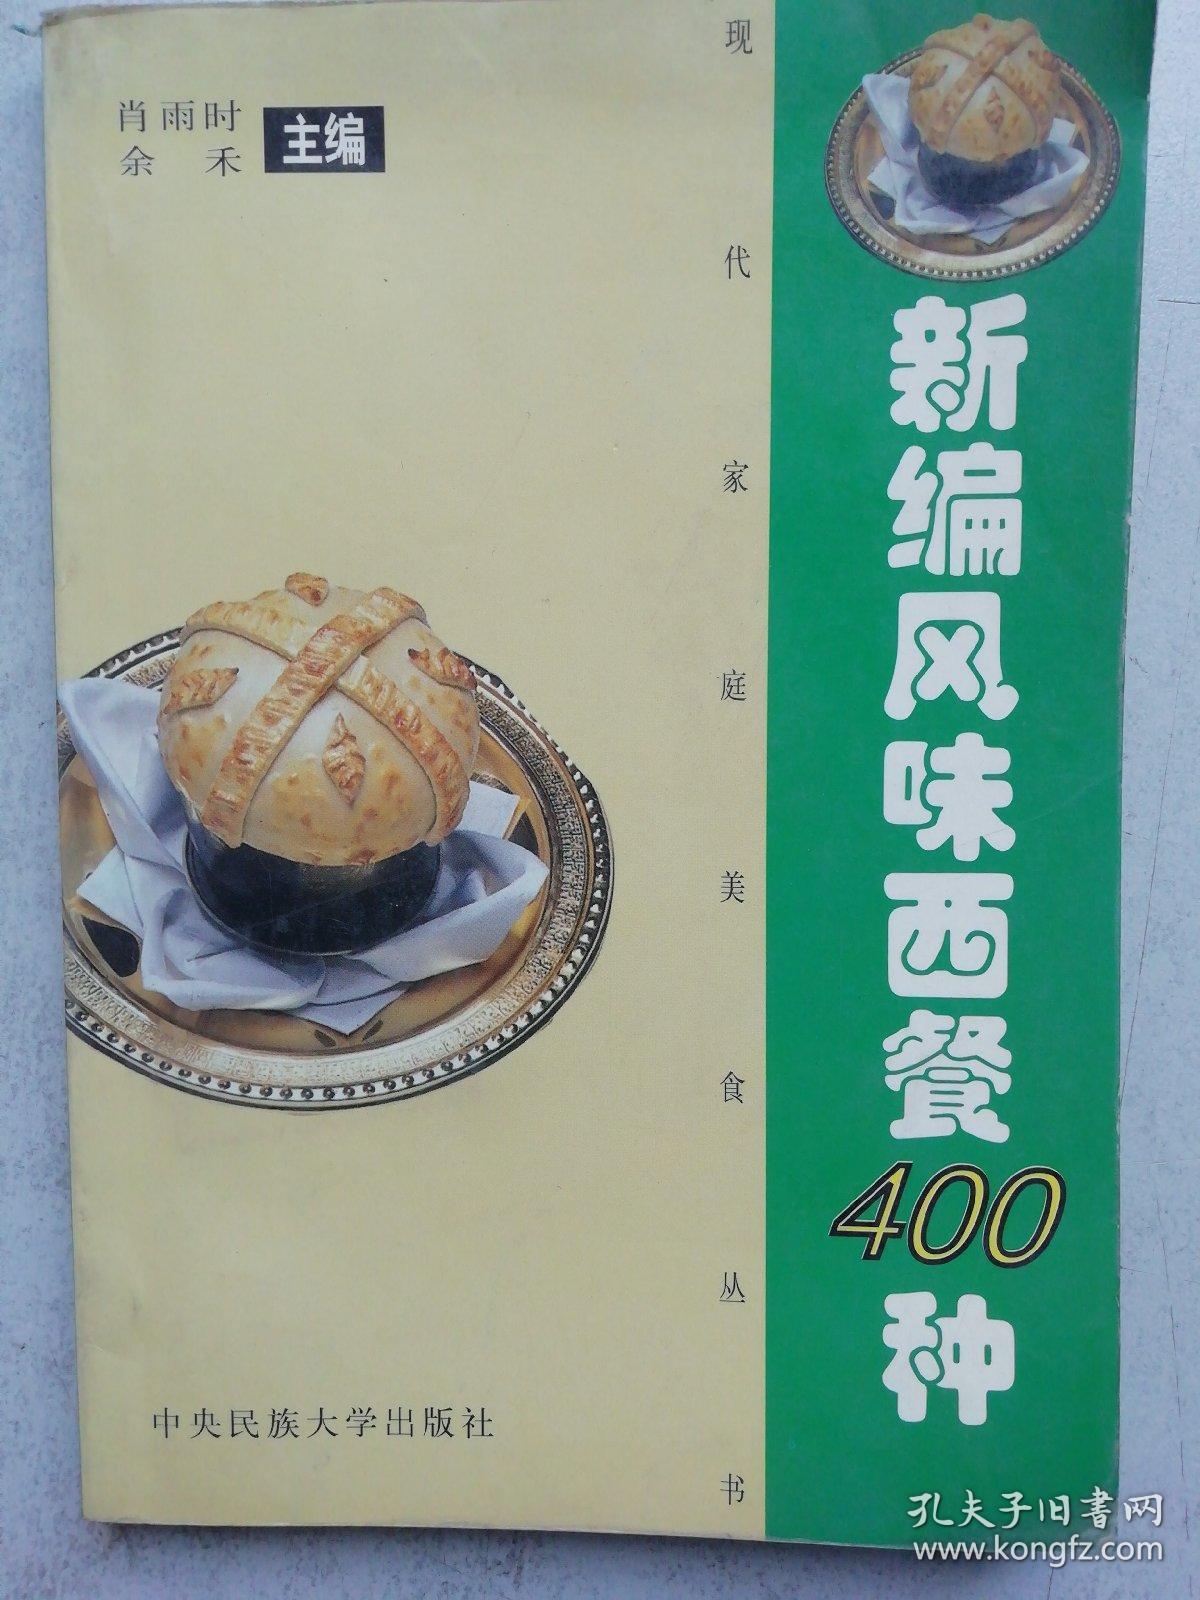 新编风味西餐400种